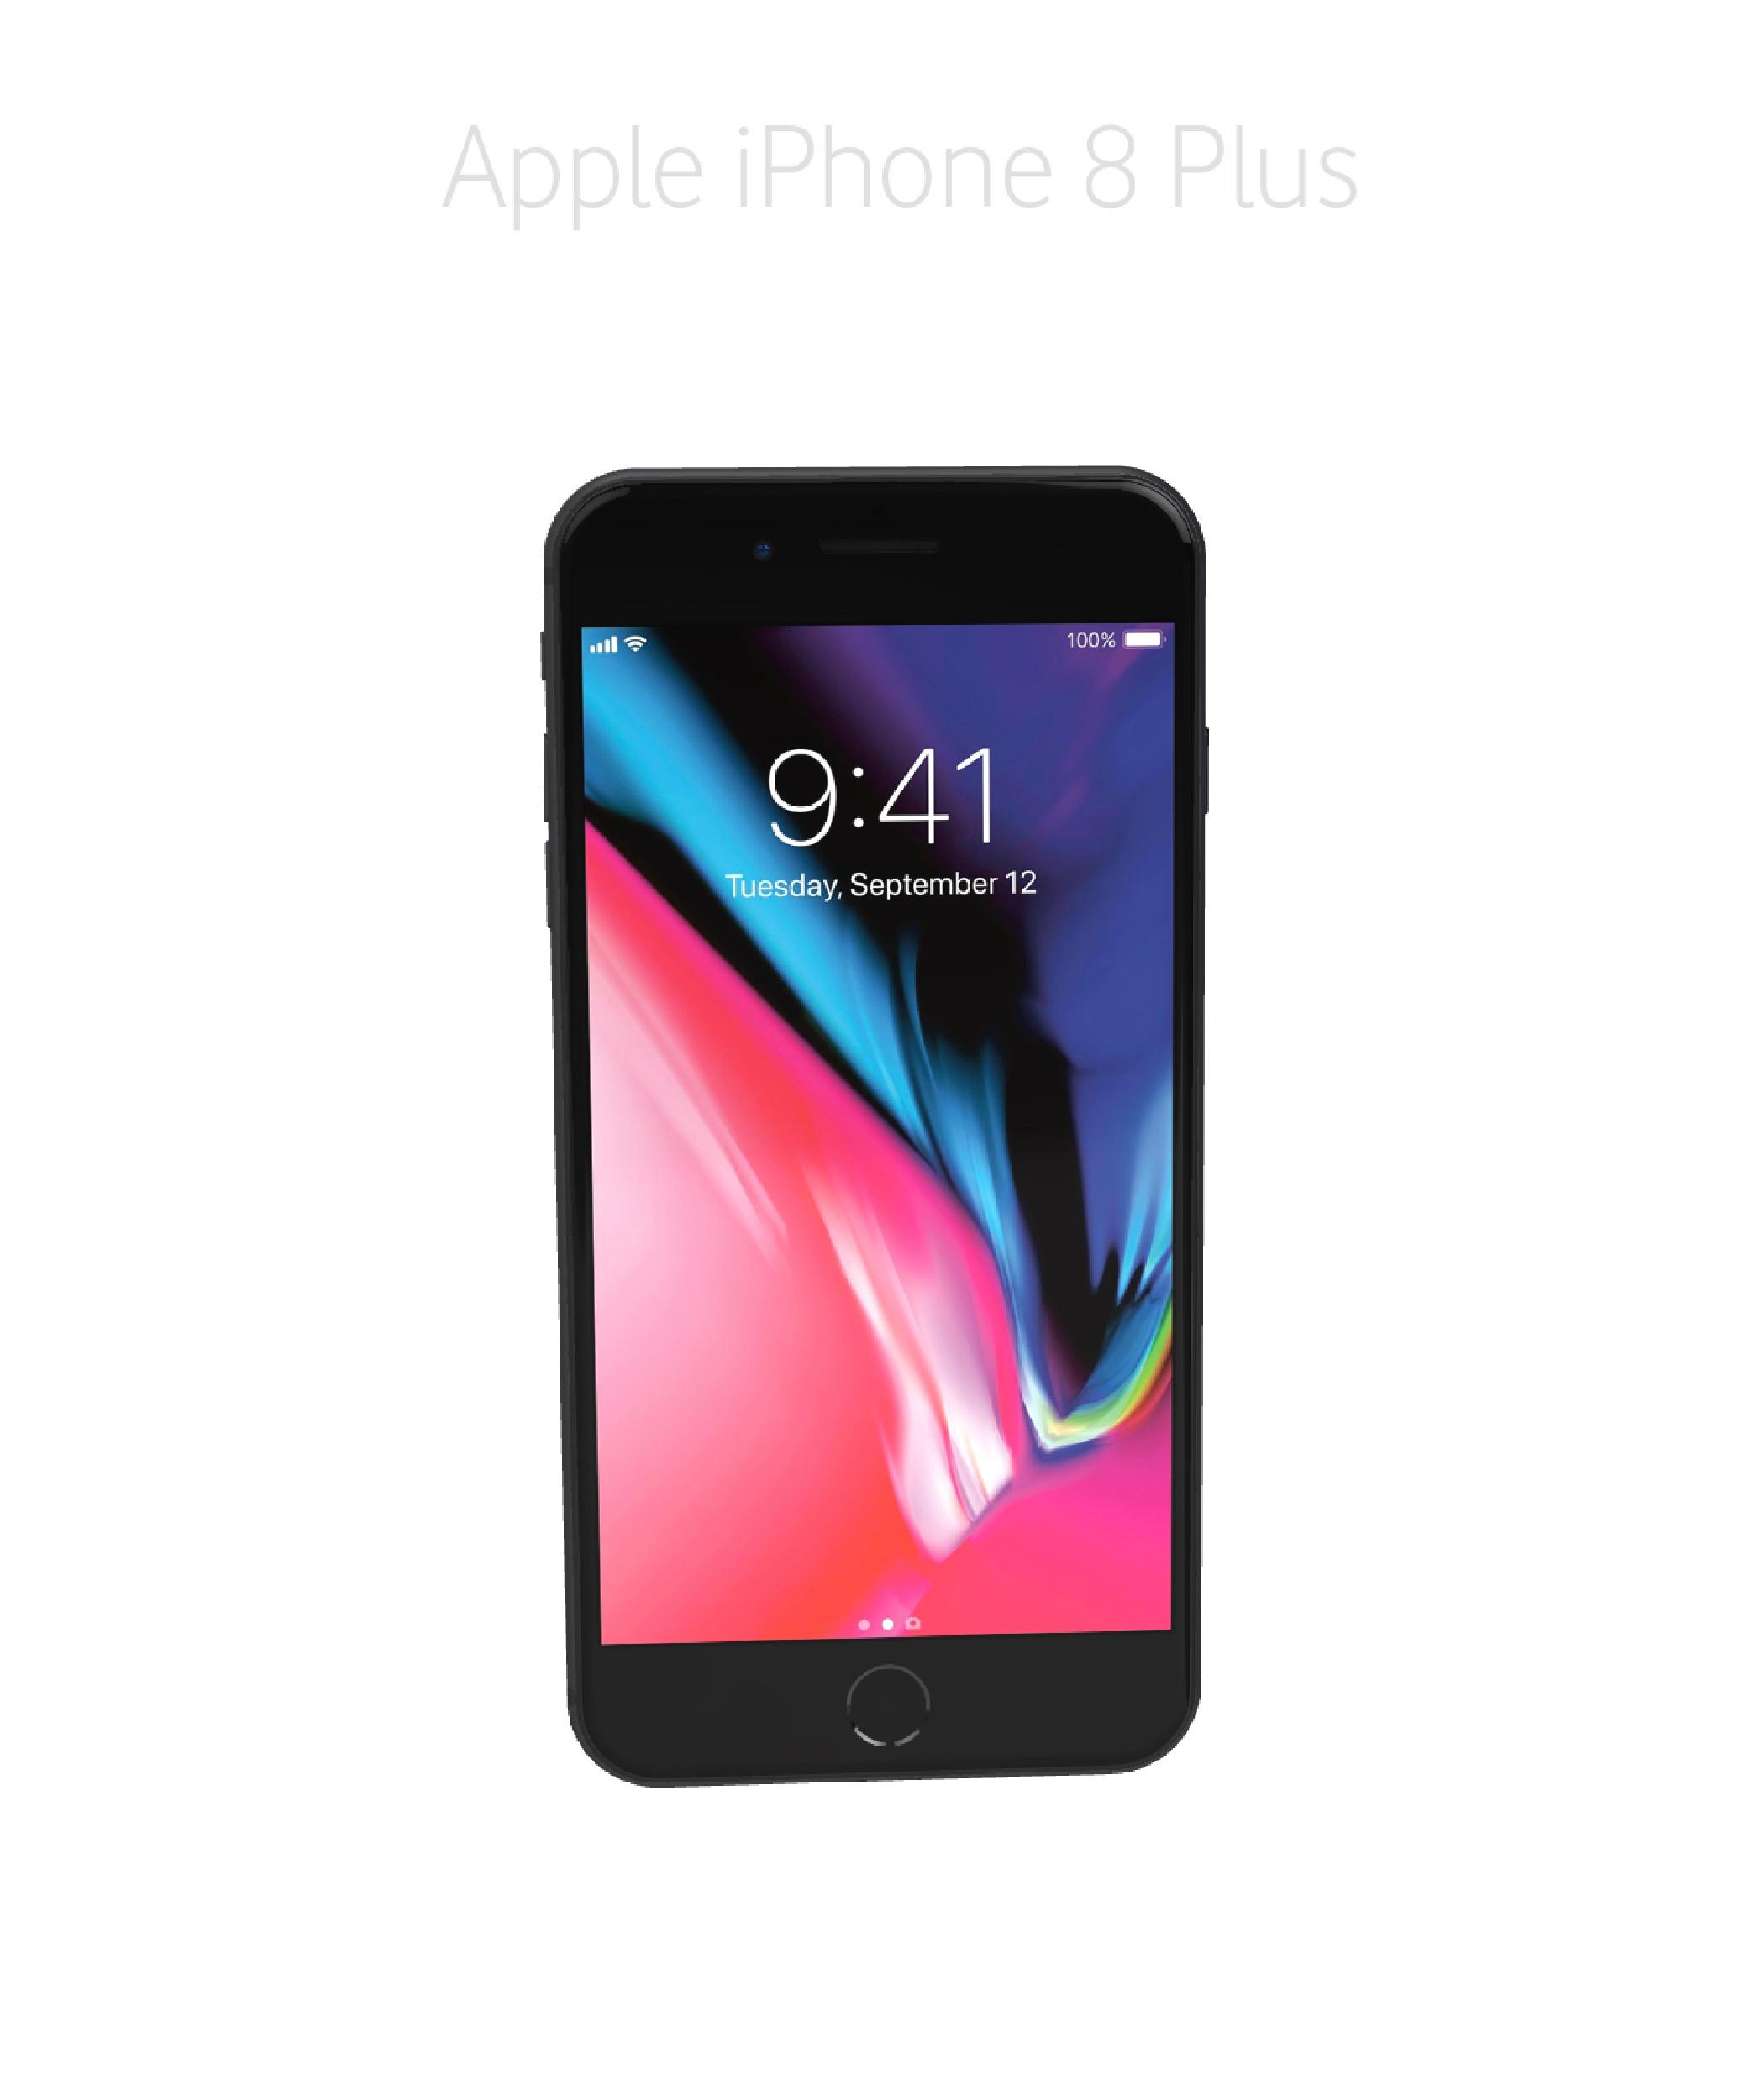 Laga framsida/glas/skärm iPhone 8 plus